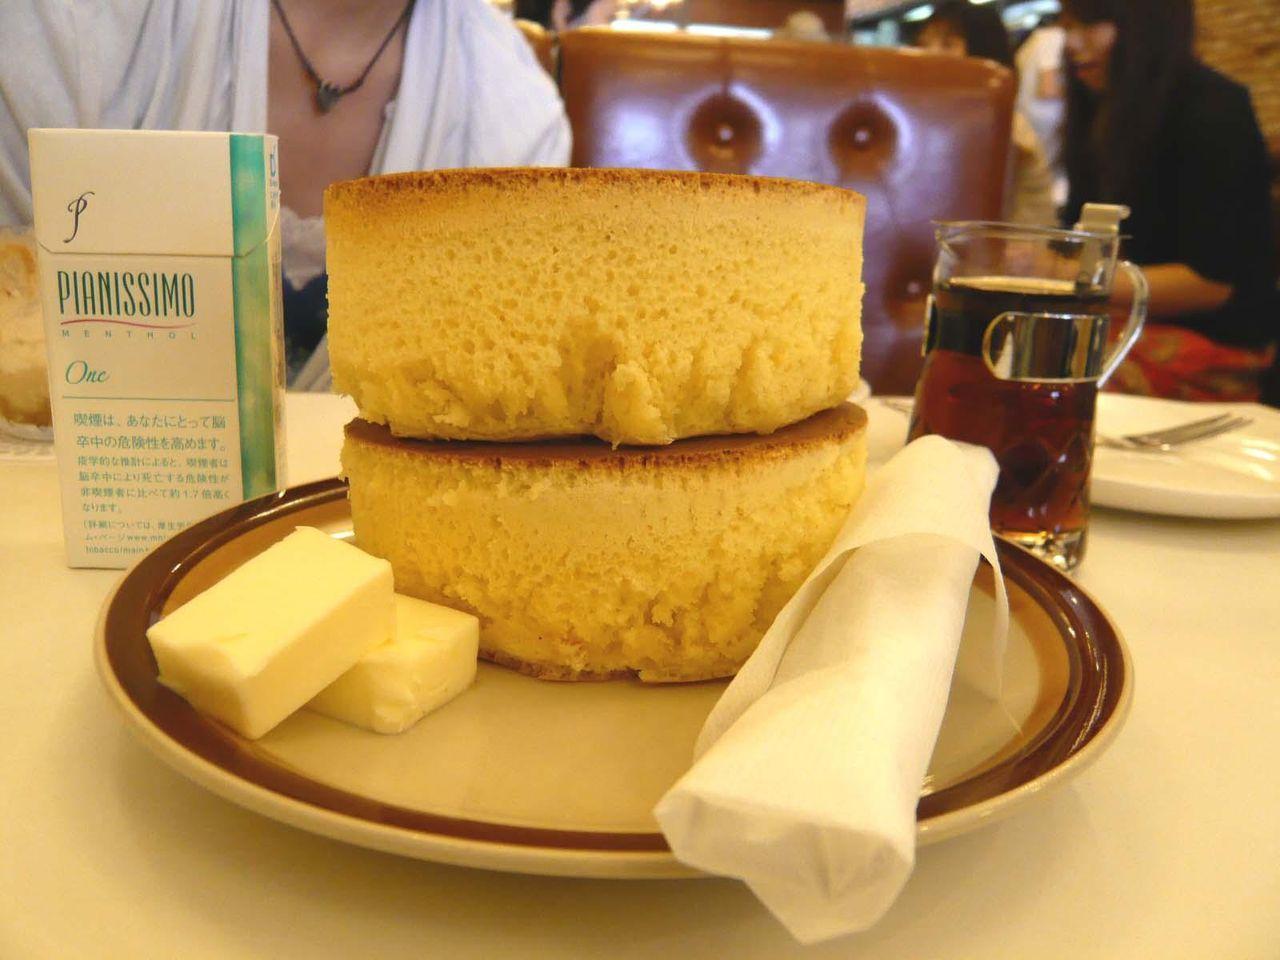 ホットケーキの高さは、9センチ!立体的な盛り付けです!